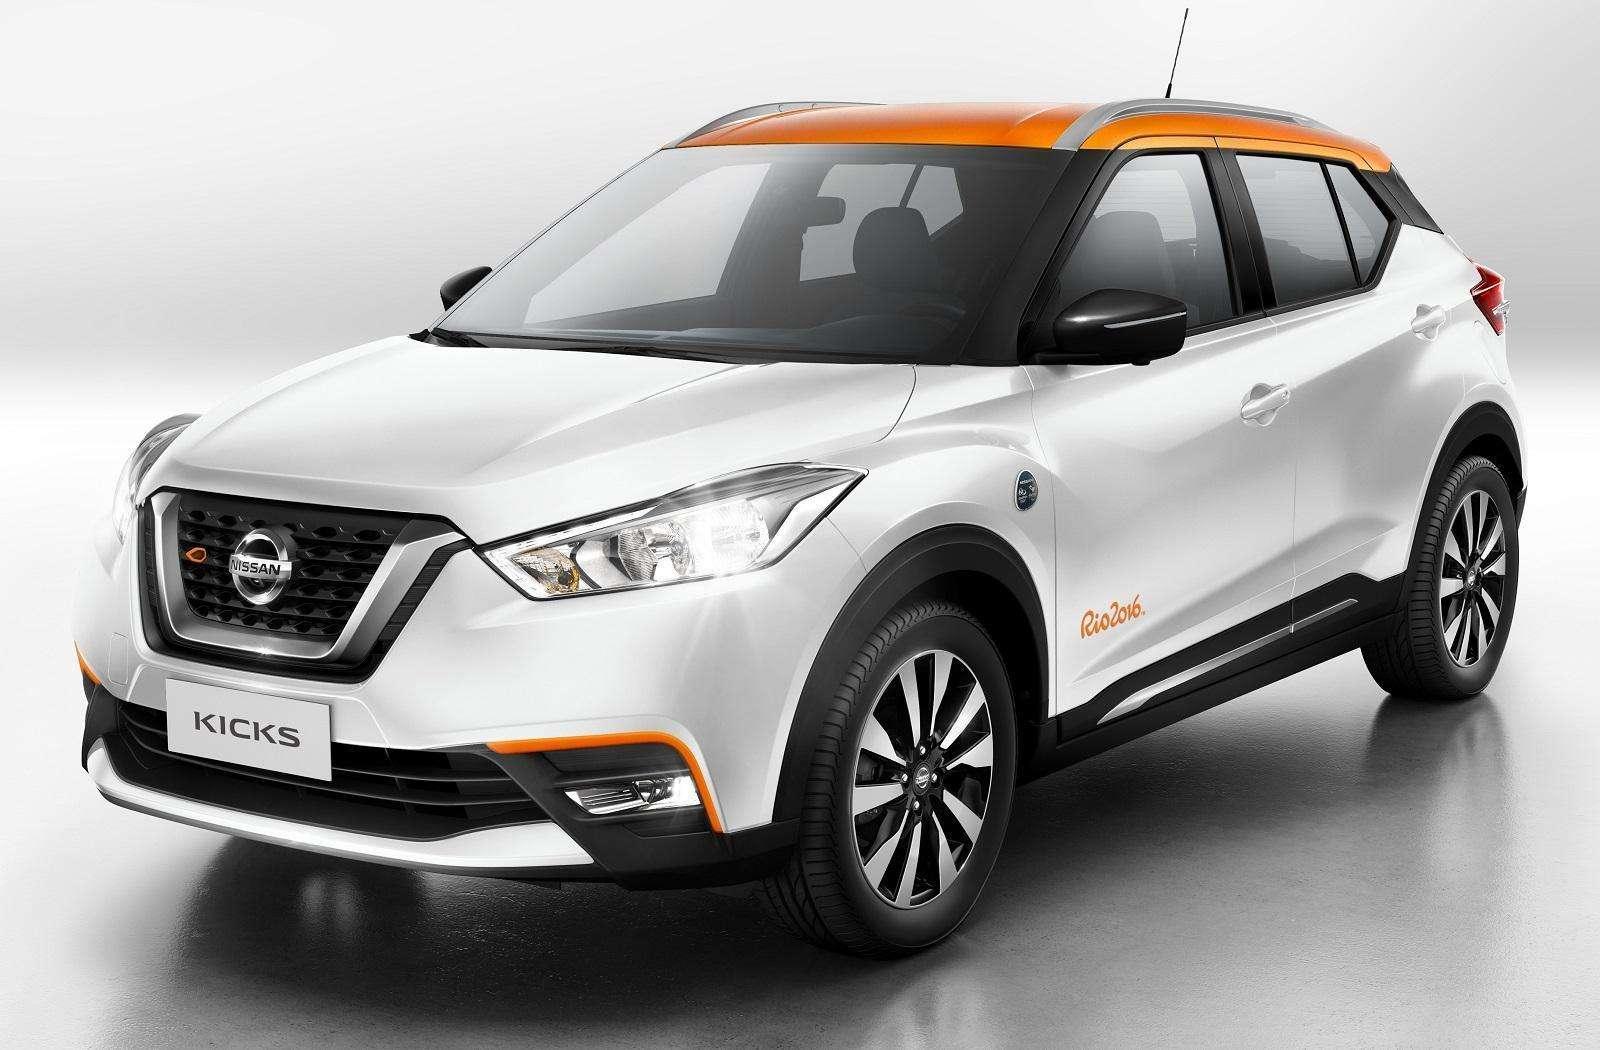 Nissan Kicks Rio 2016 já pode ser reservado; garanta uma das 1000 unidades